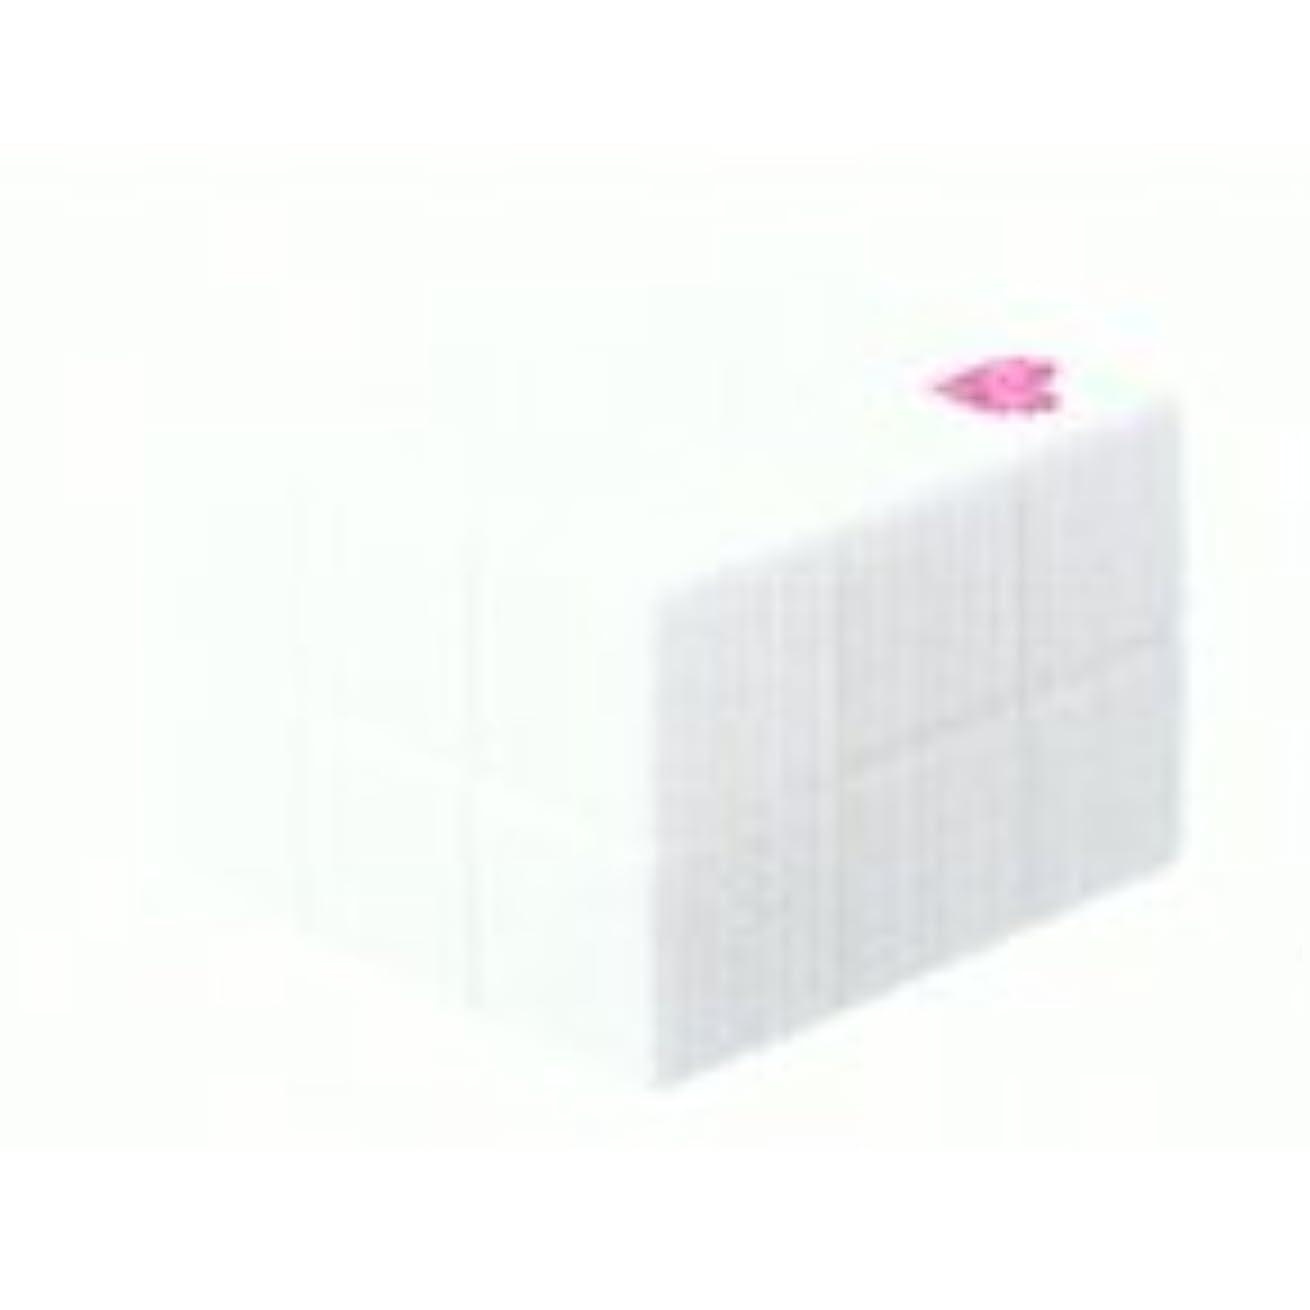 配当排気うっかりアリミノ ピース グロスワックス40g(ホワイト)